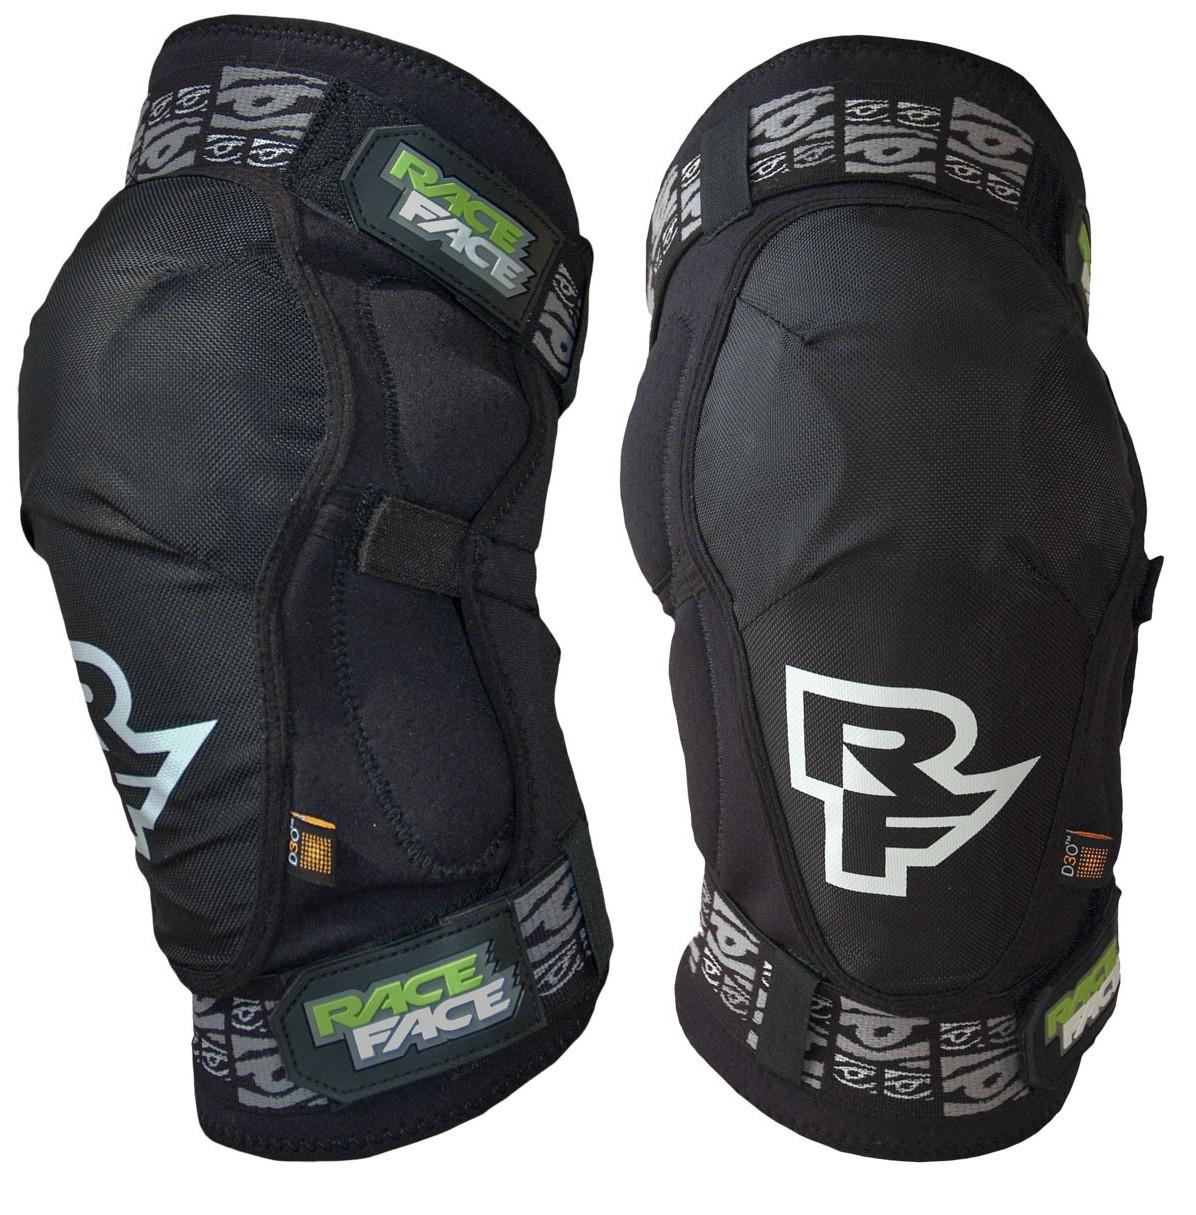 c13c9375d3d Race Face Ambush Knee Pad - Reviews, Comparisons, Specs - Mountain ...